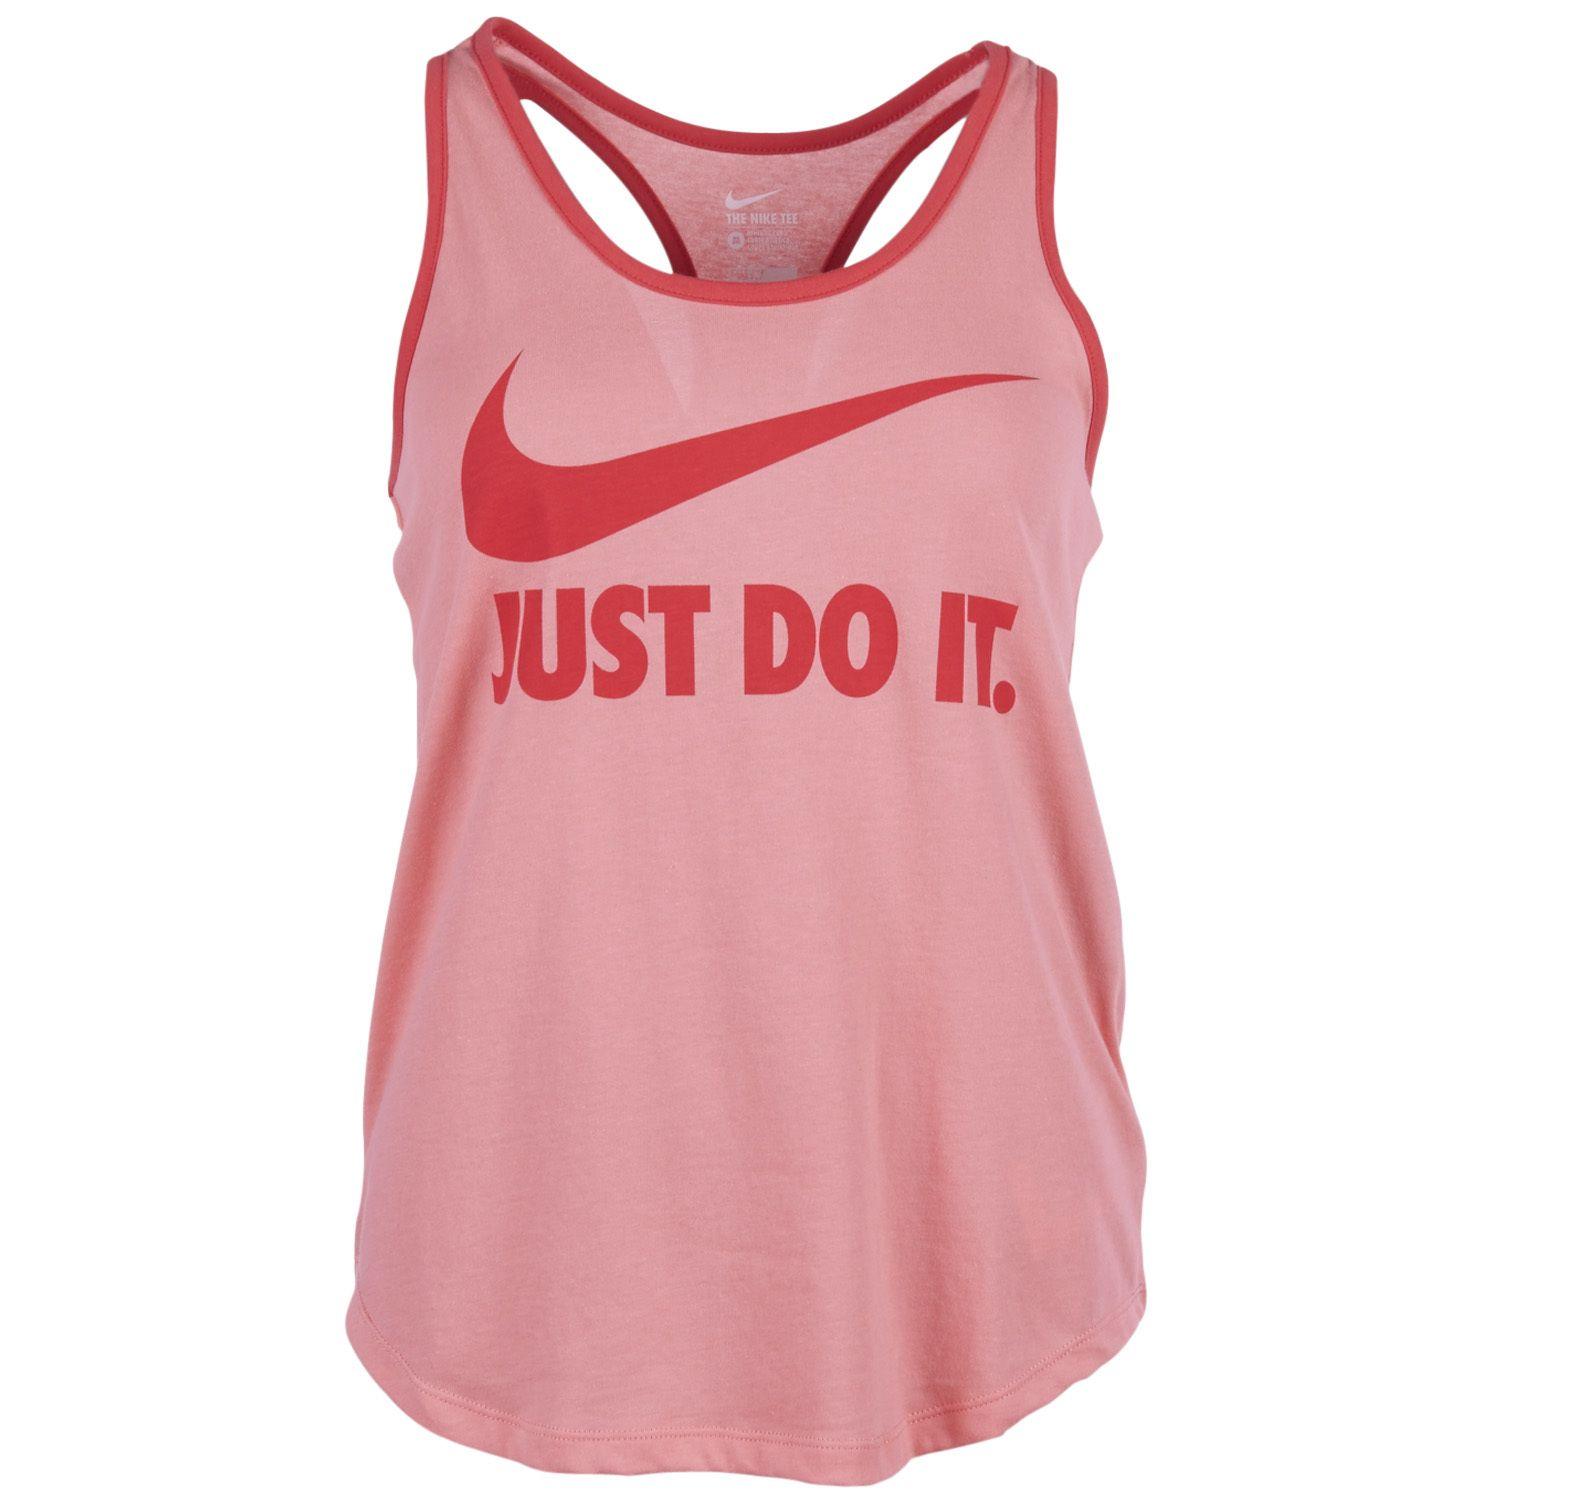 Swoosh Jdi Dfct Racer, Sunblush/Daring Red/Daring Red, Xs,  Nike